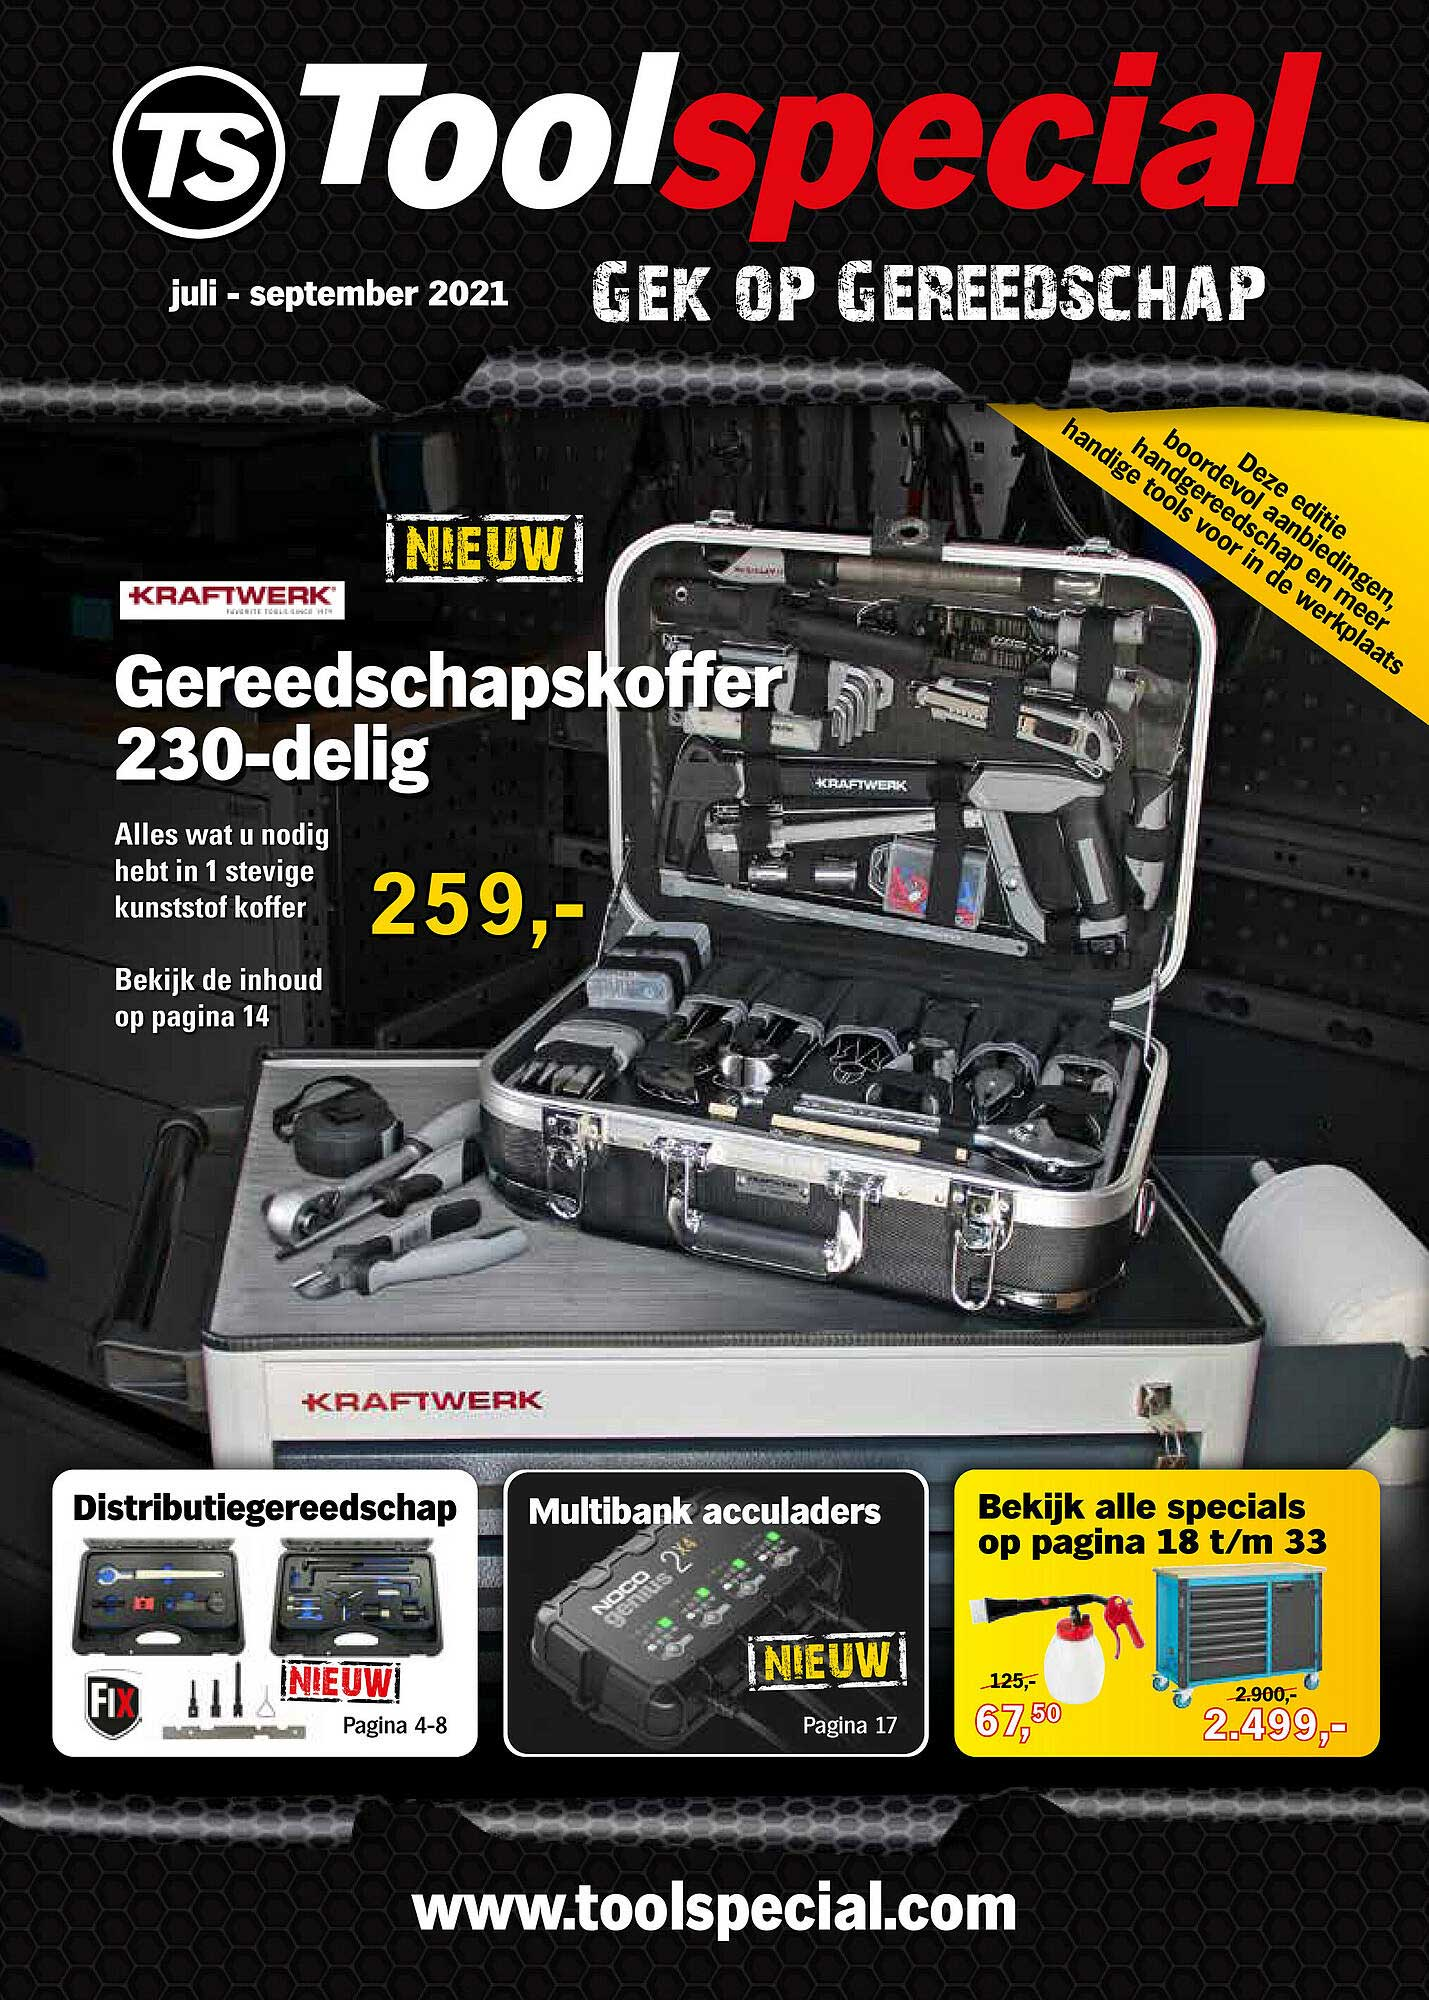 Toolspecial Gereedschapskoffer 230-Delig